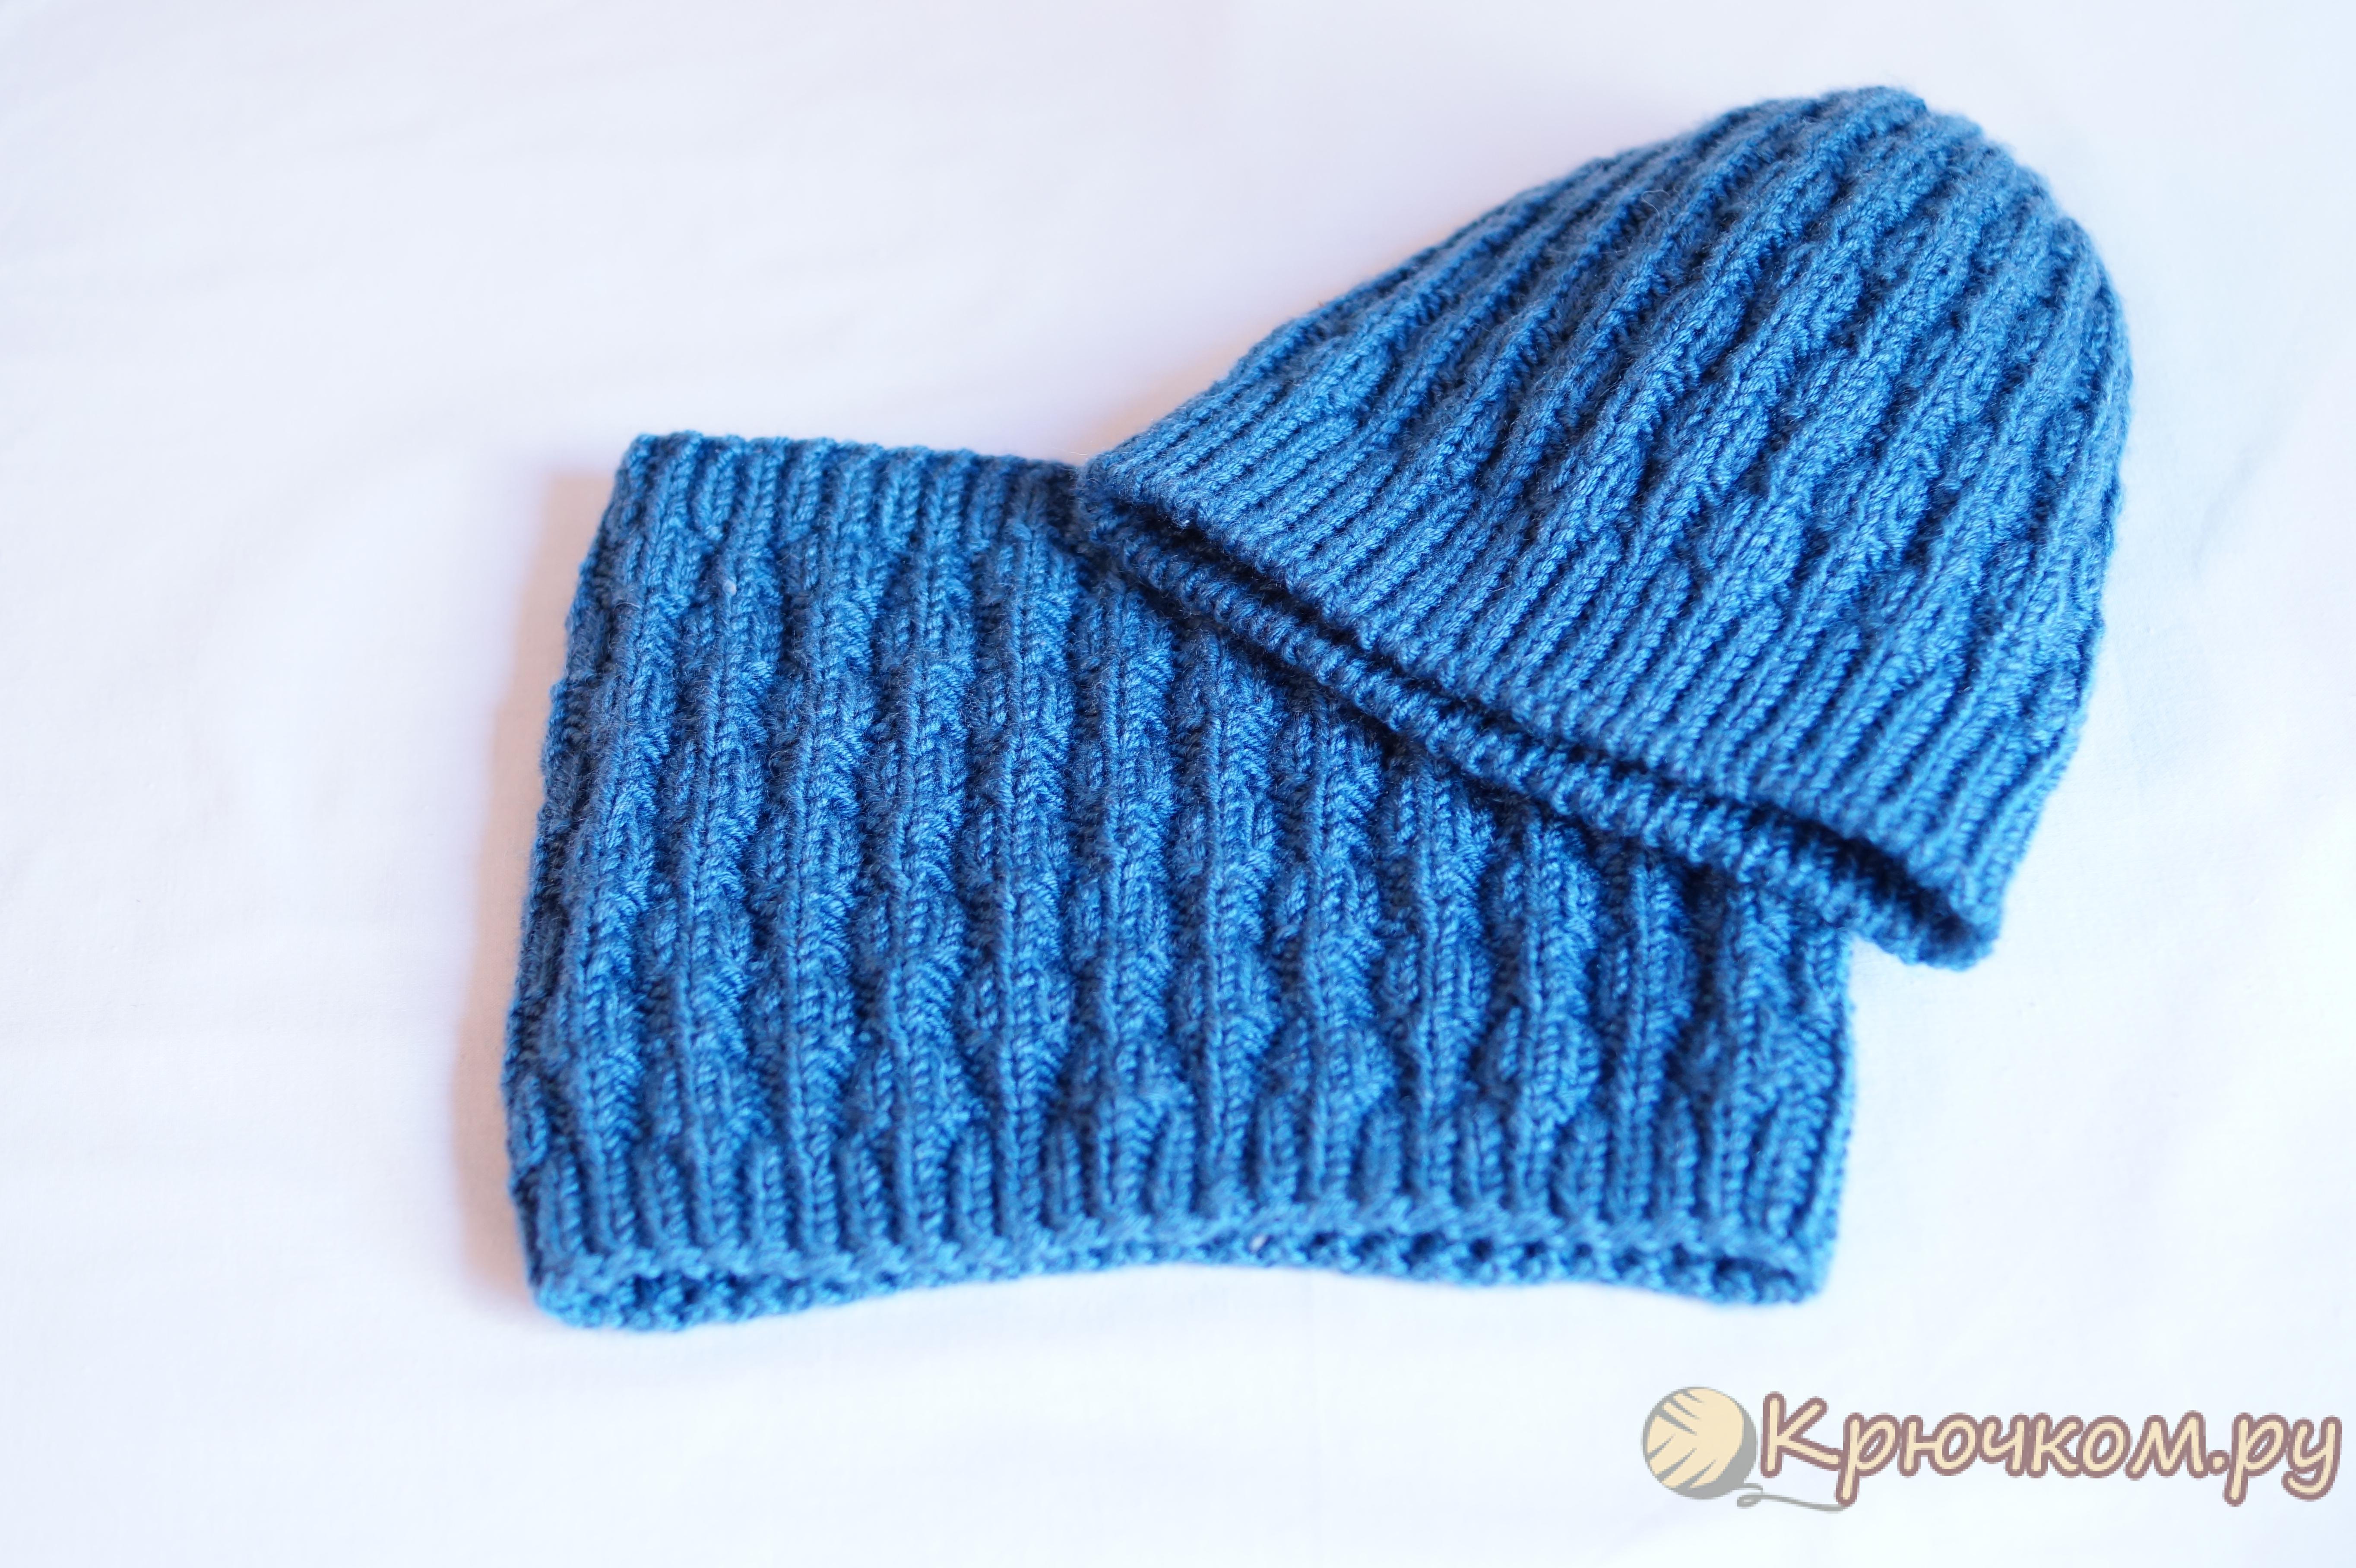 Пуловер с оленями - Описание вязания, схемы вязания 53